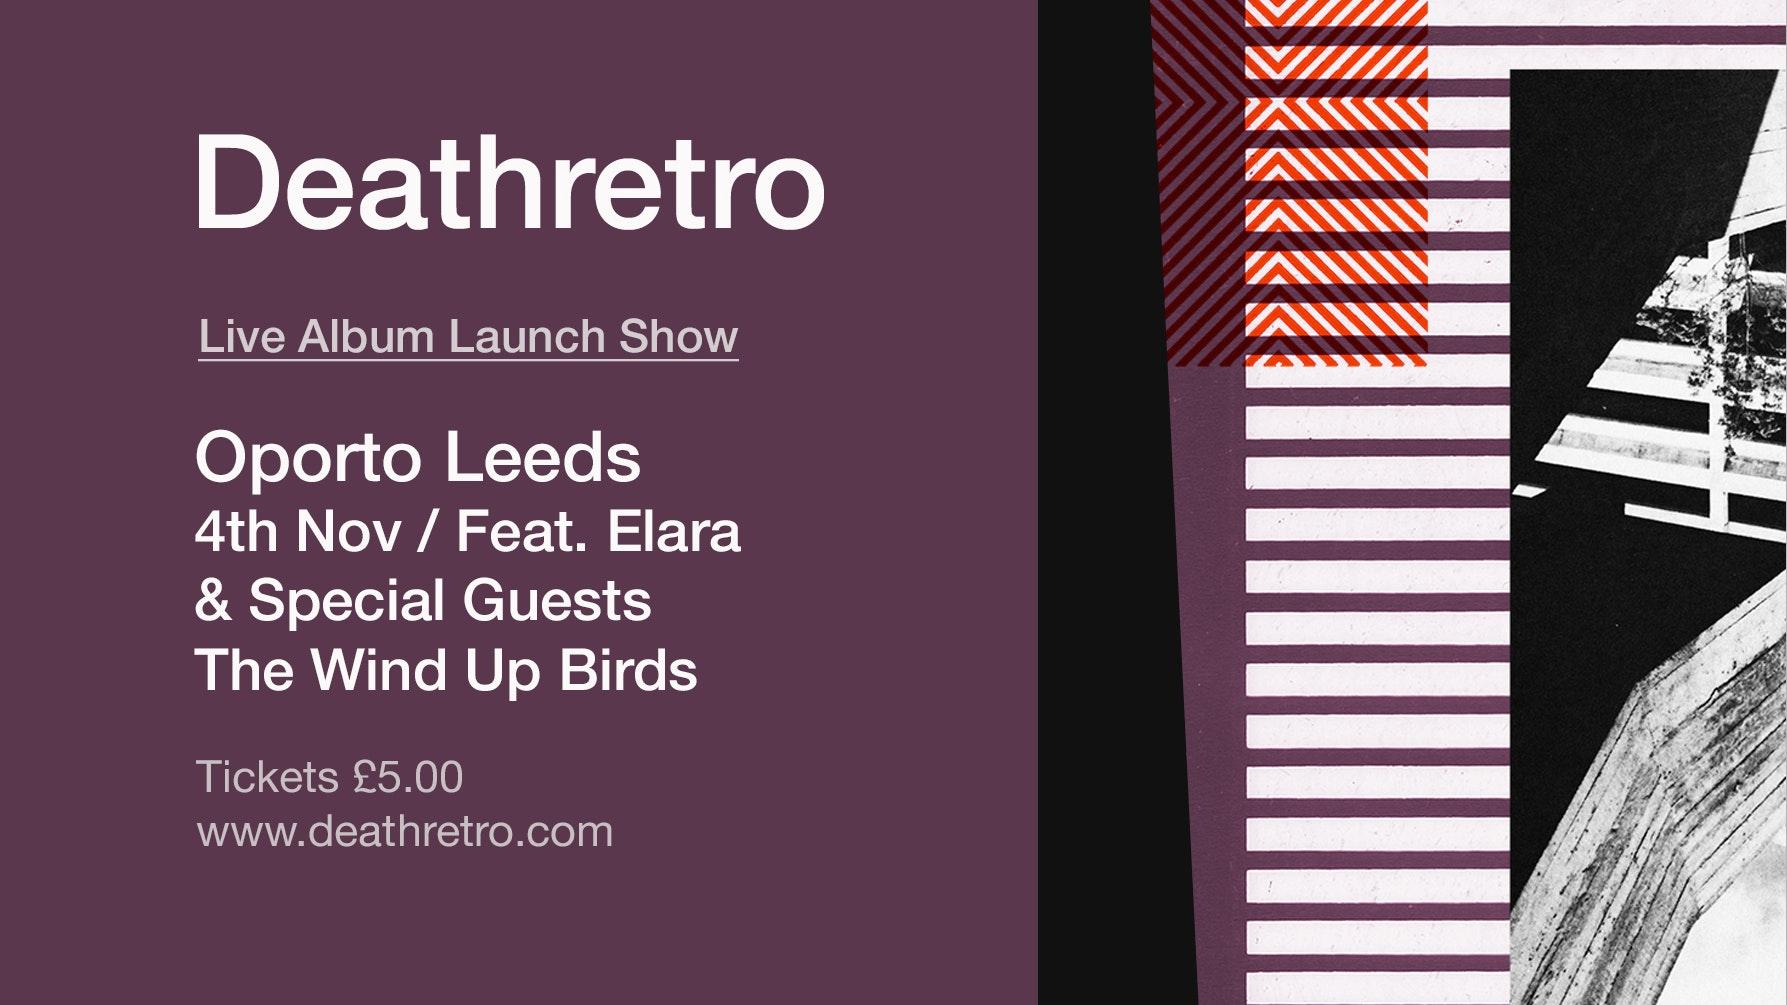 Deathretro Album Launch Ft. Elara & The Wind Up Birds